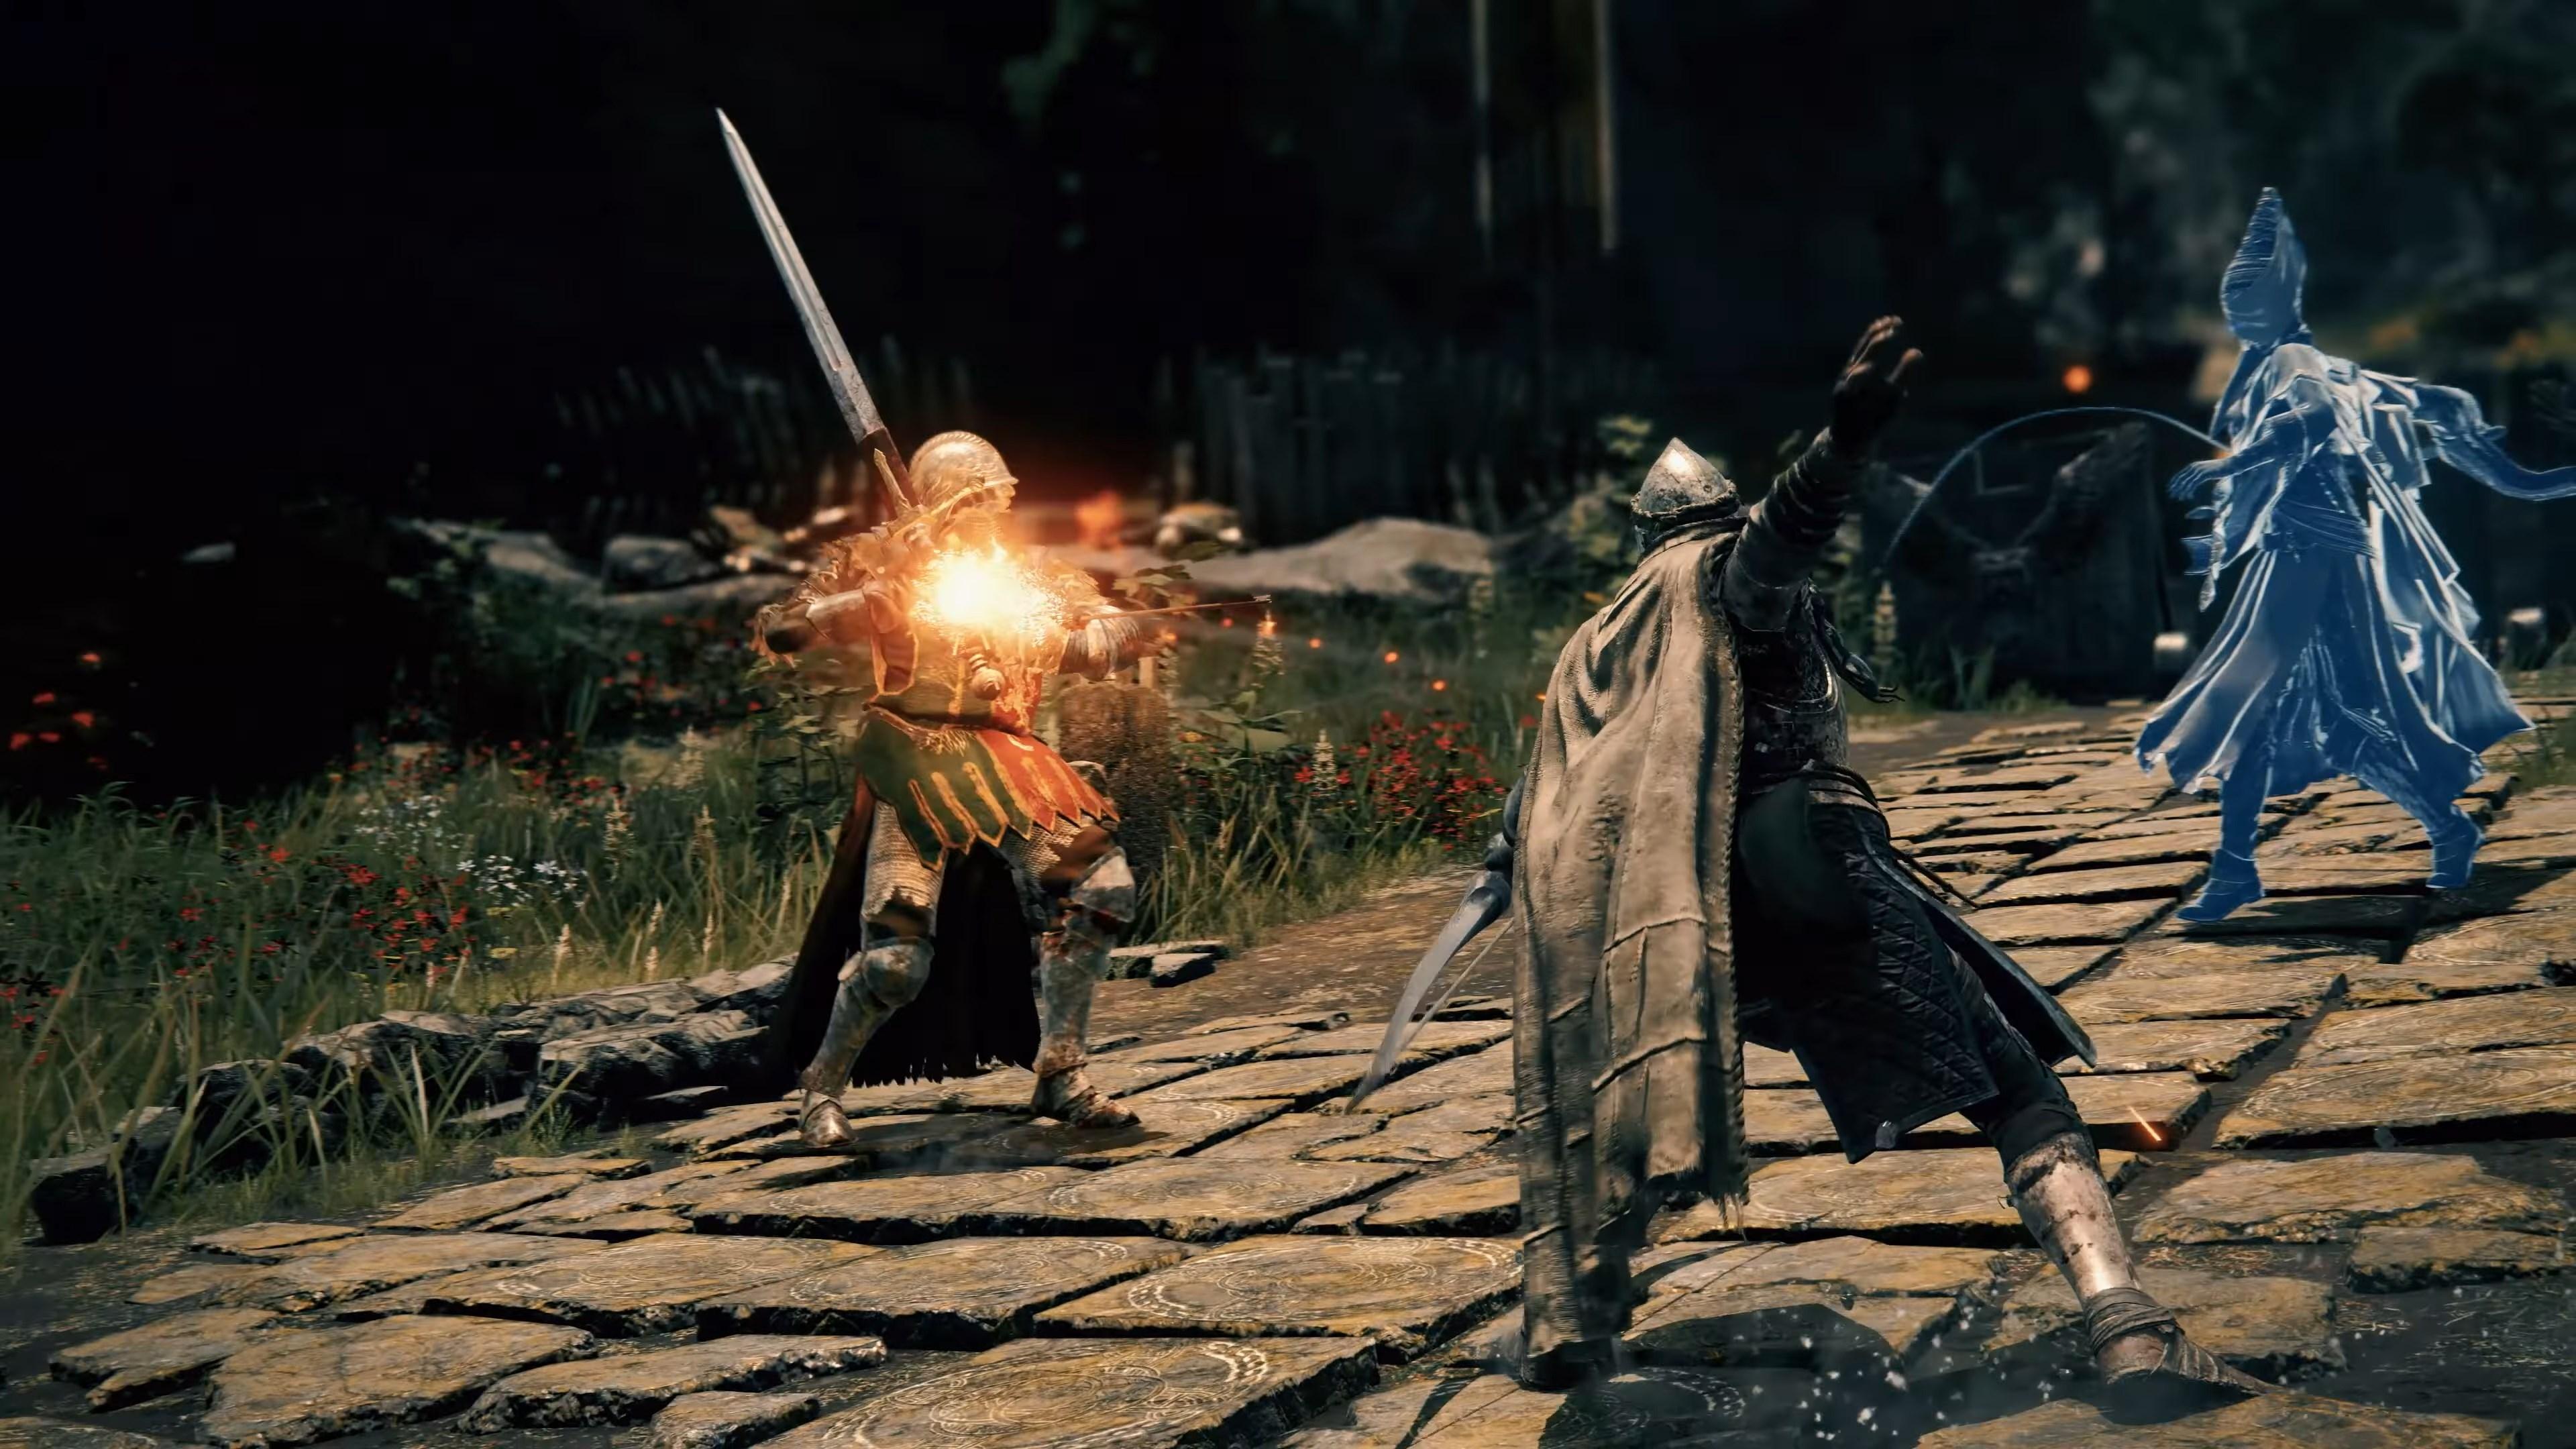 Elden Ring gameplay